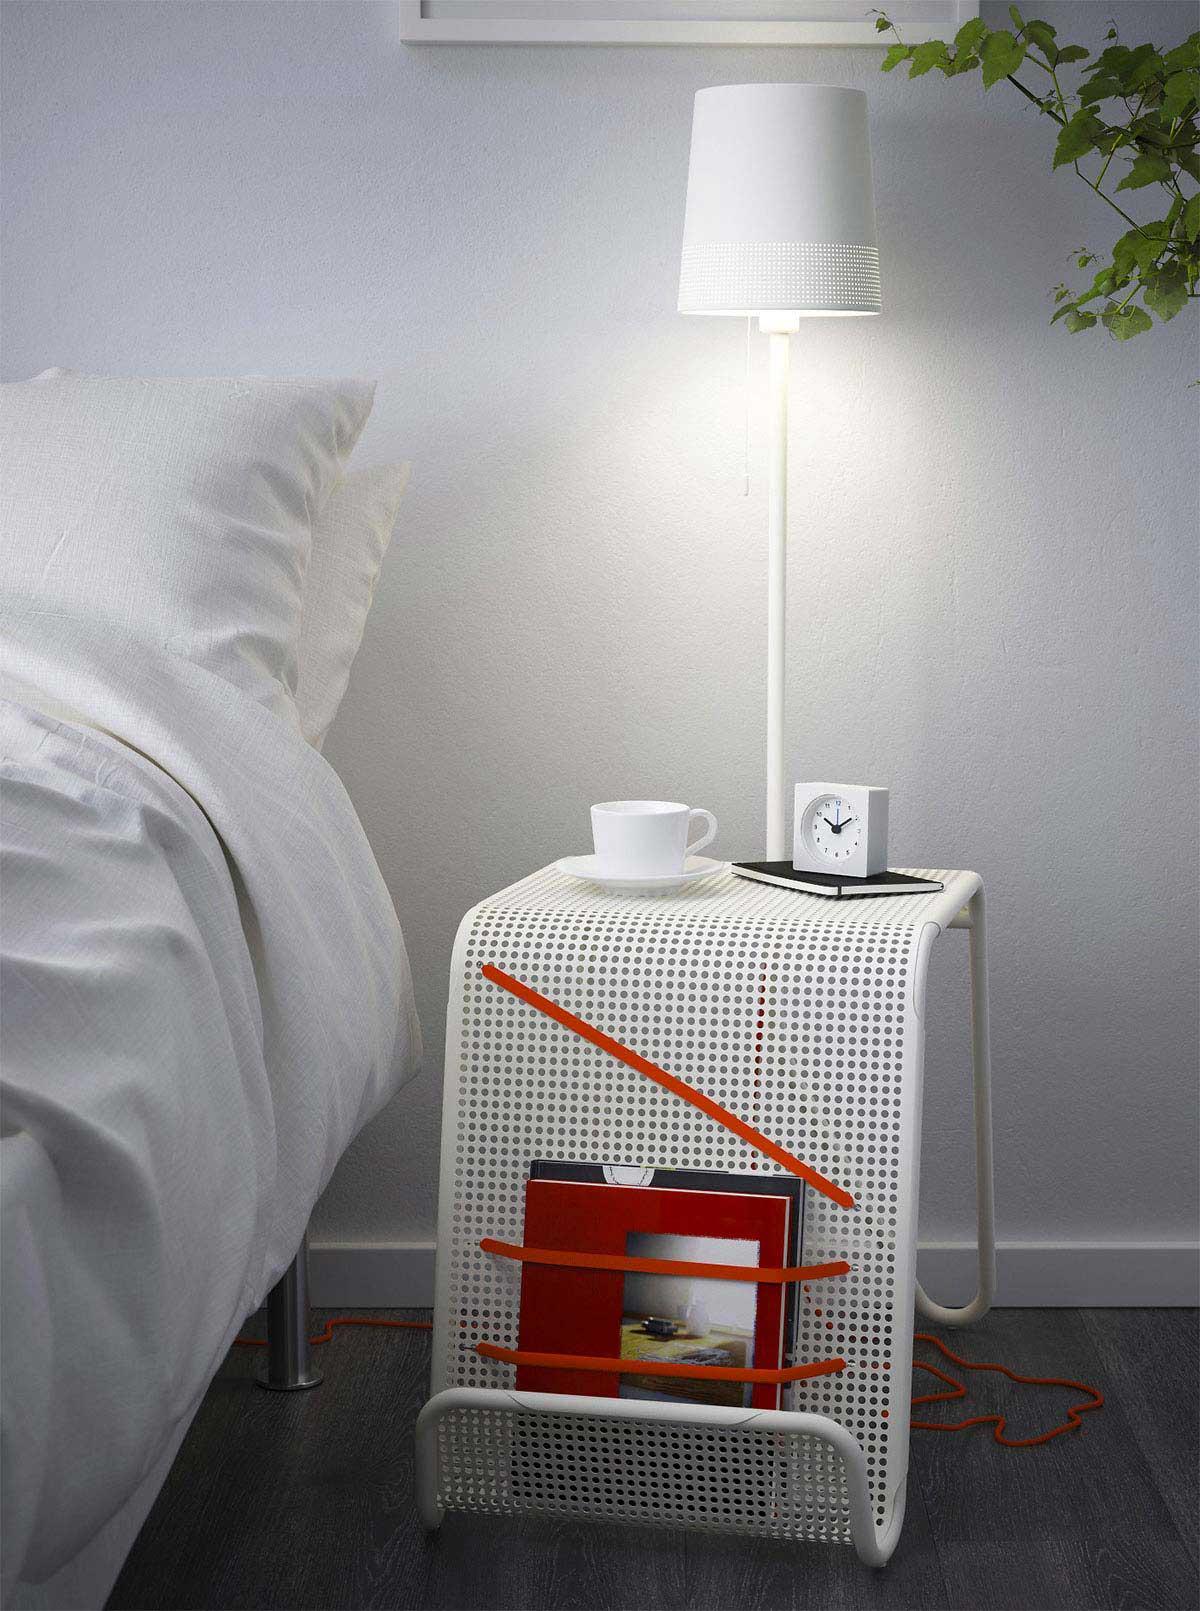 table de chevet ikea avec lampe